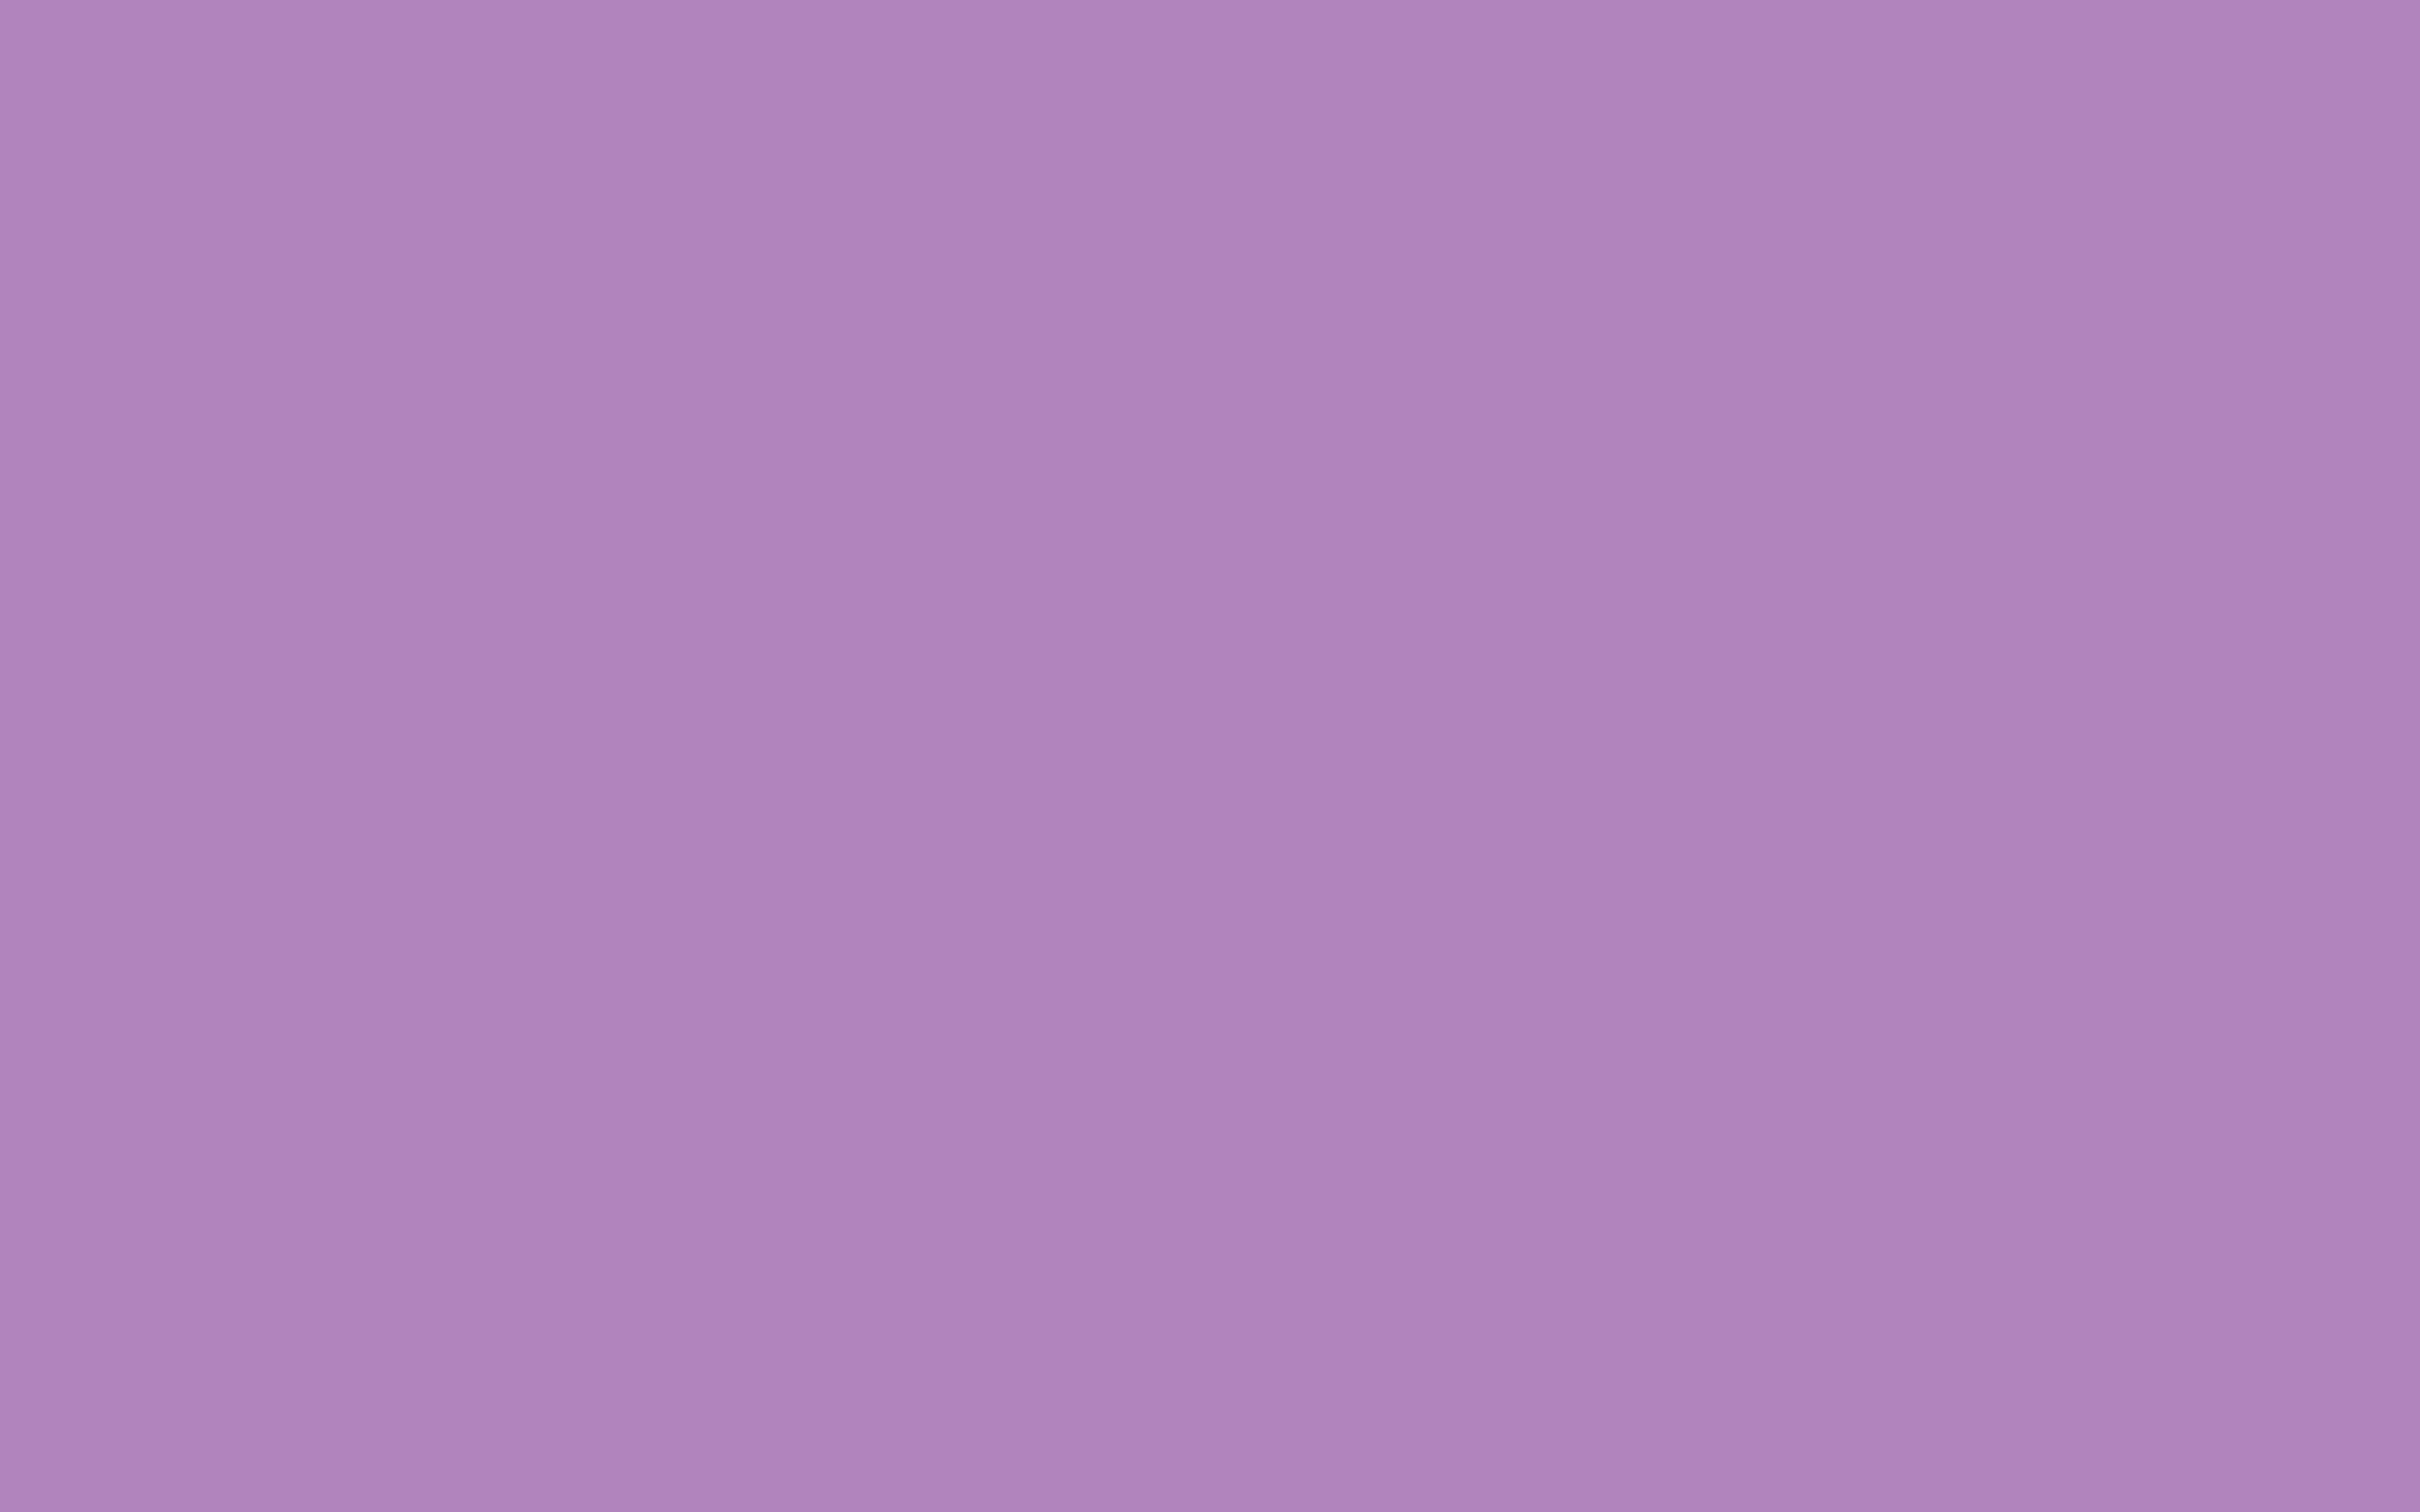 Couleur parme clair conceptions architecturales for Mauve claire couleur